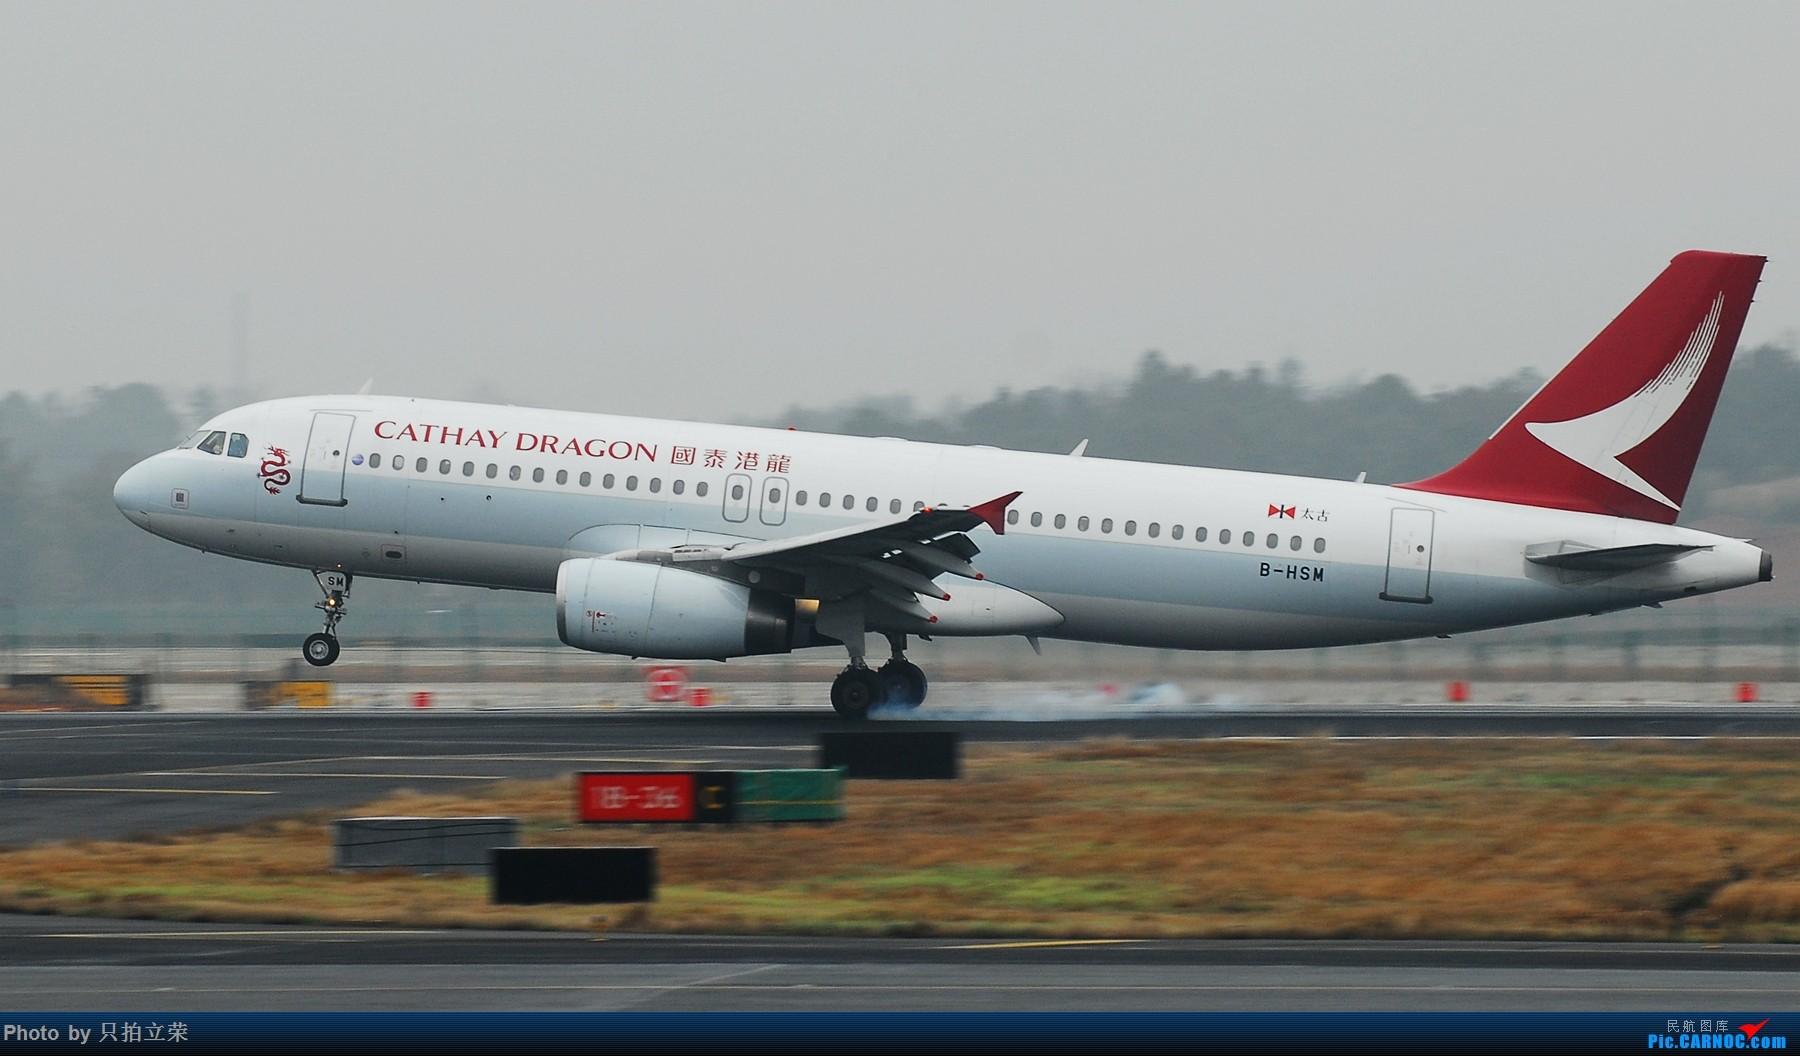 Re:[原创]湖南飞友会之,阿娇终于来长沙! AIRBUS A320-200 B-HSM 中国长沙黄花国际机场